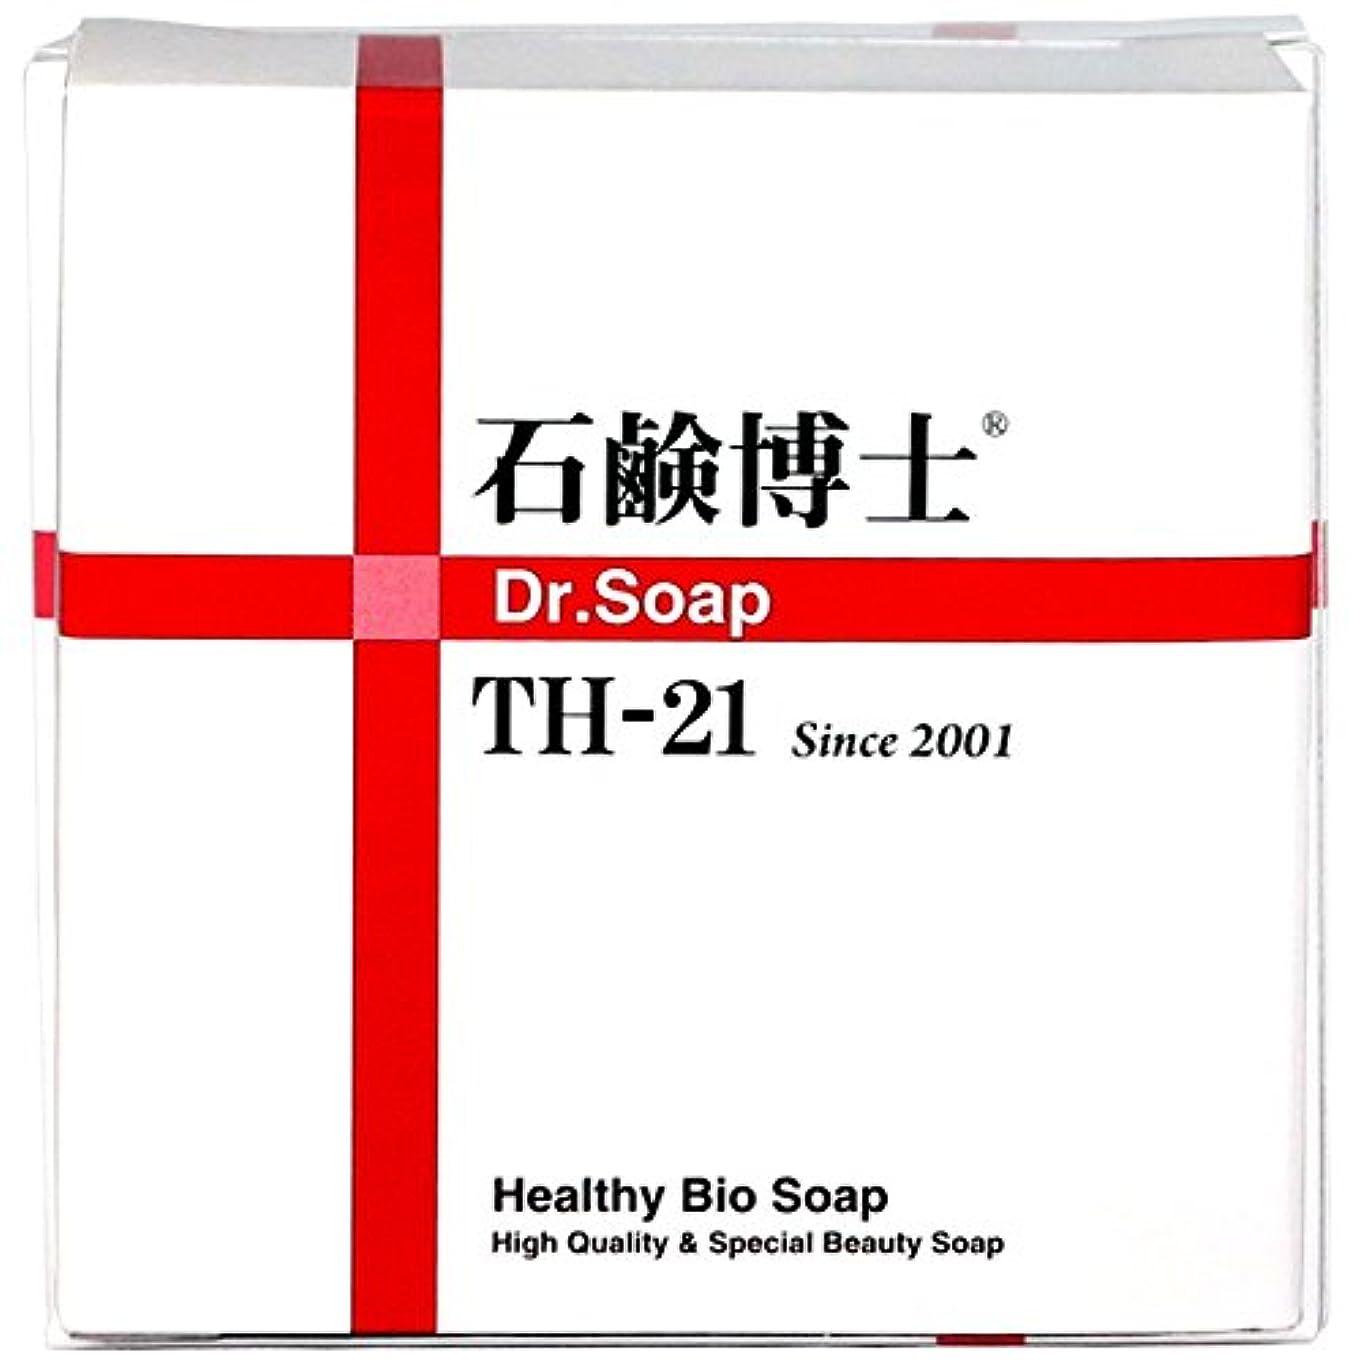 ミネラルと分解酵素で洗顔しながらスキンケア 石鹸博士 DRソープ石鹸 Dr.Soap TH-21 100g